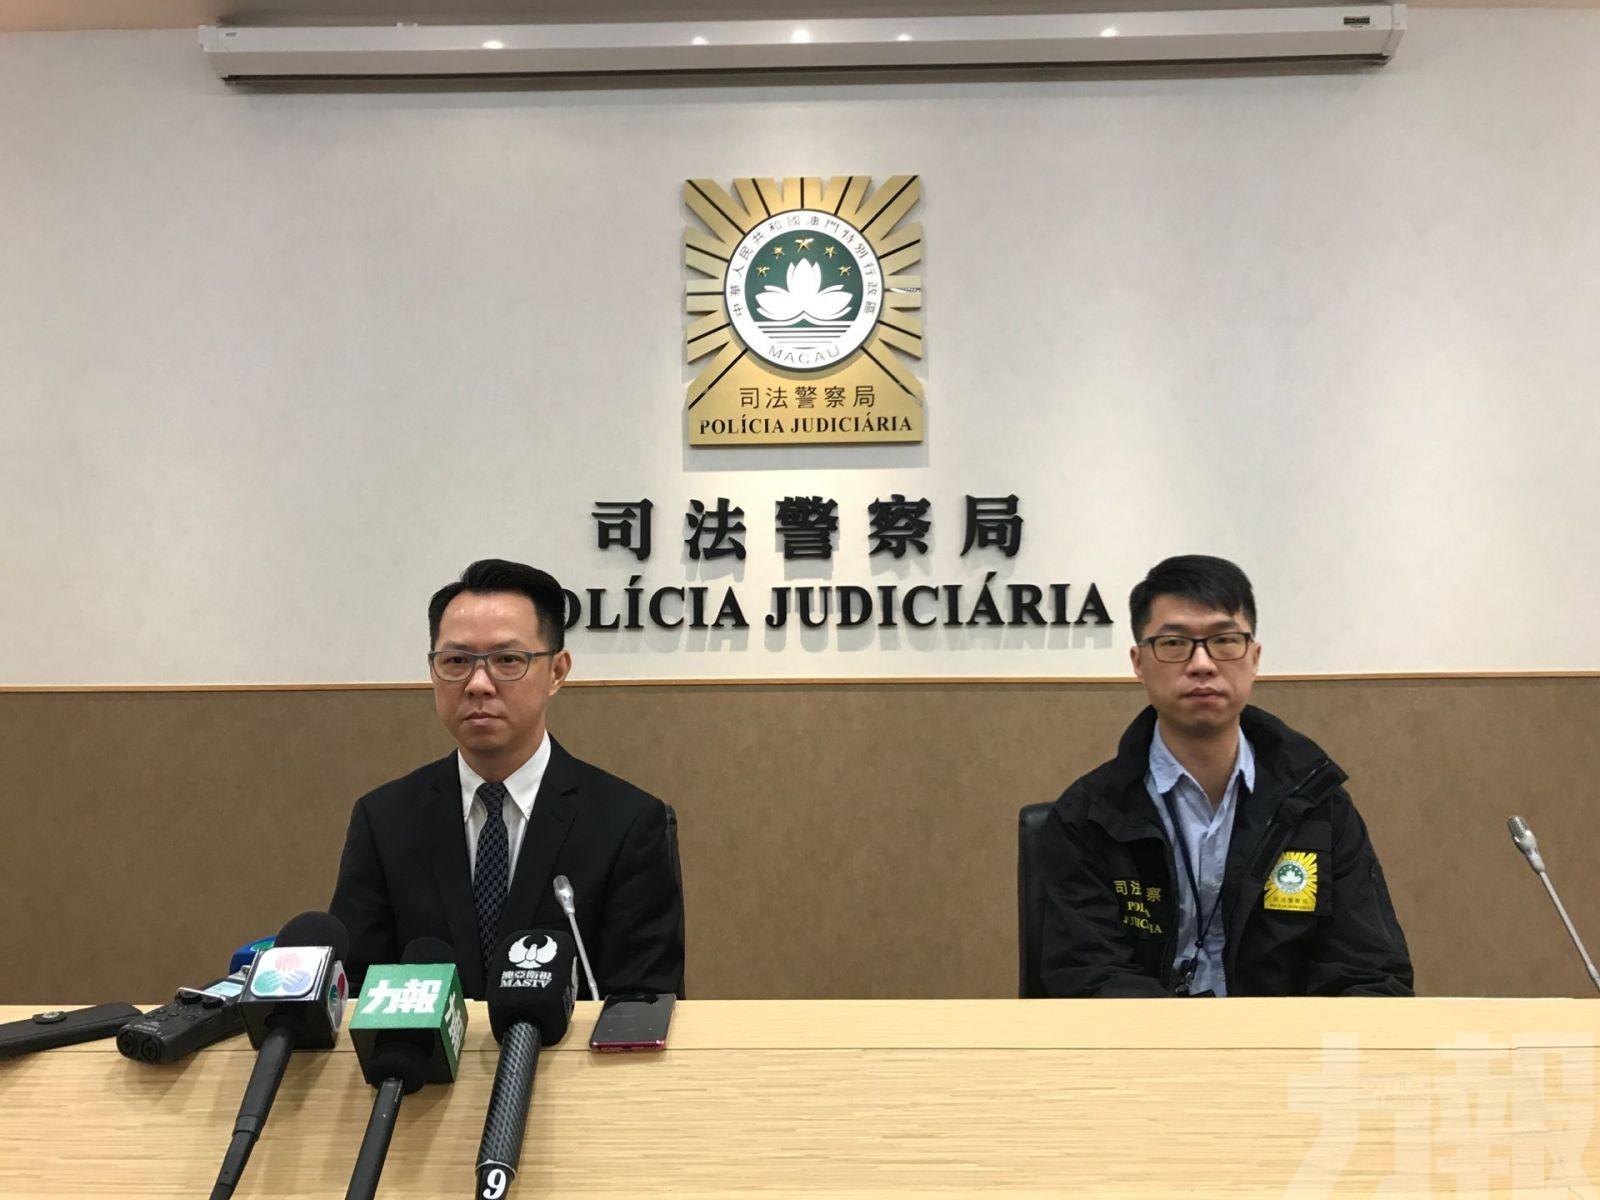 三寶藥黨再入境犯案被捕